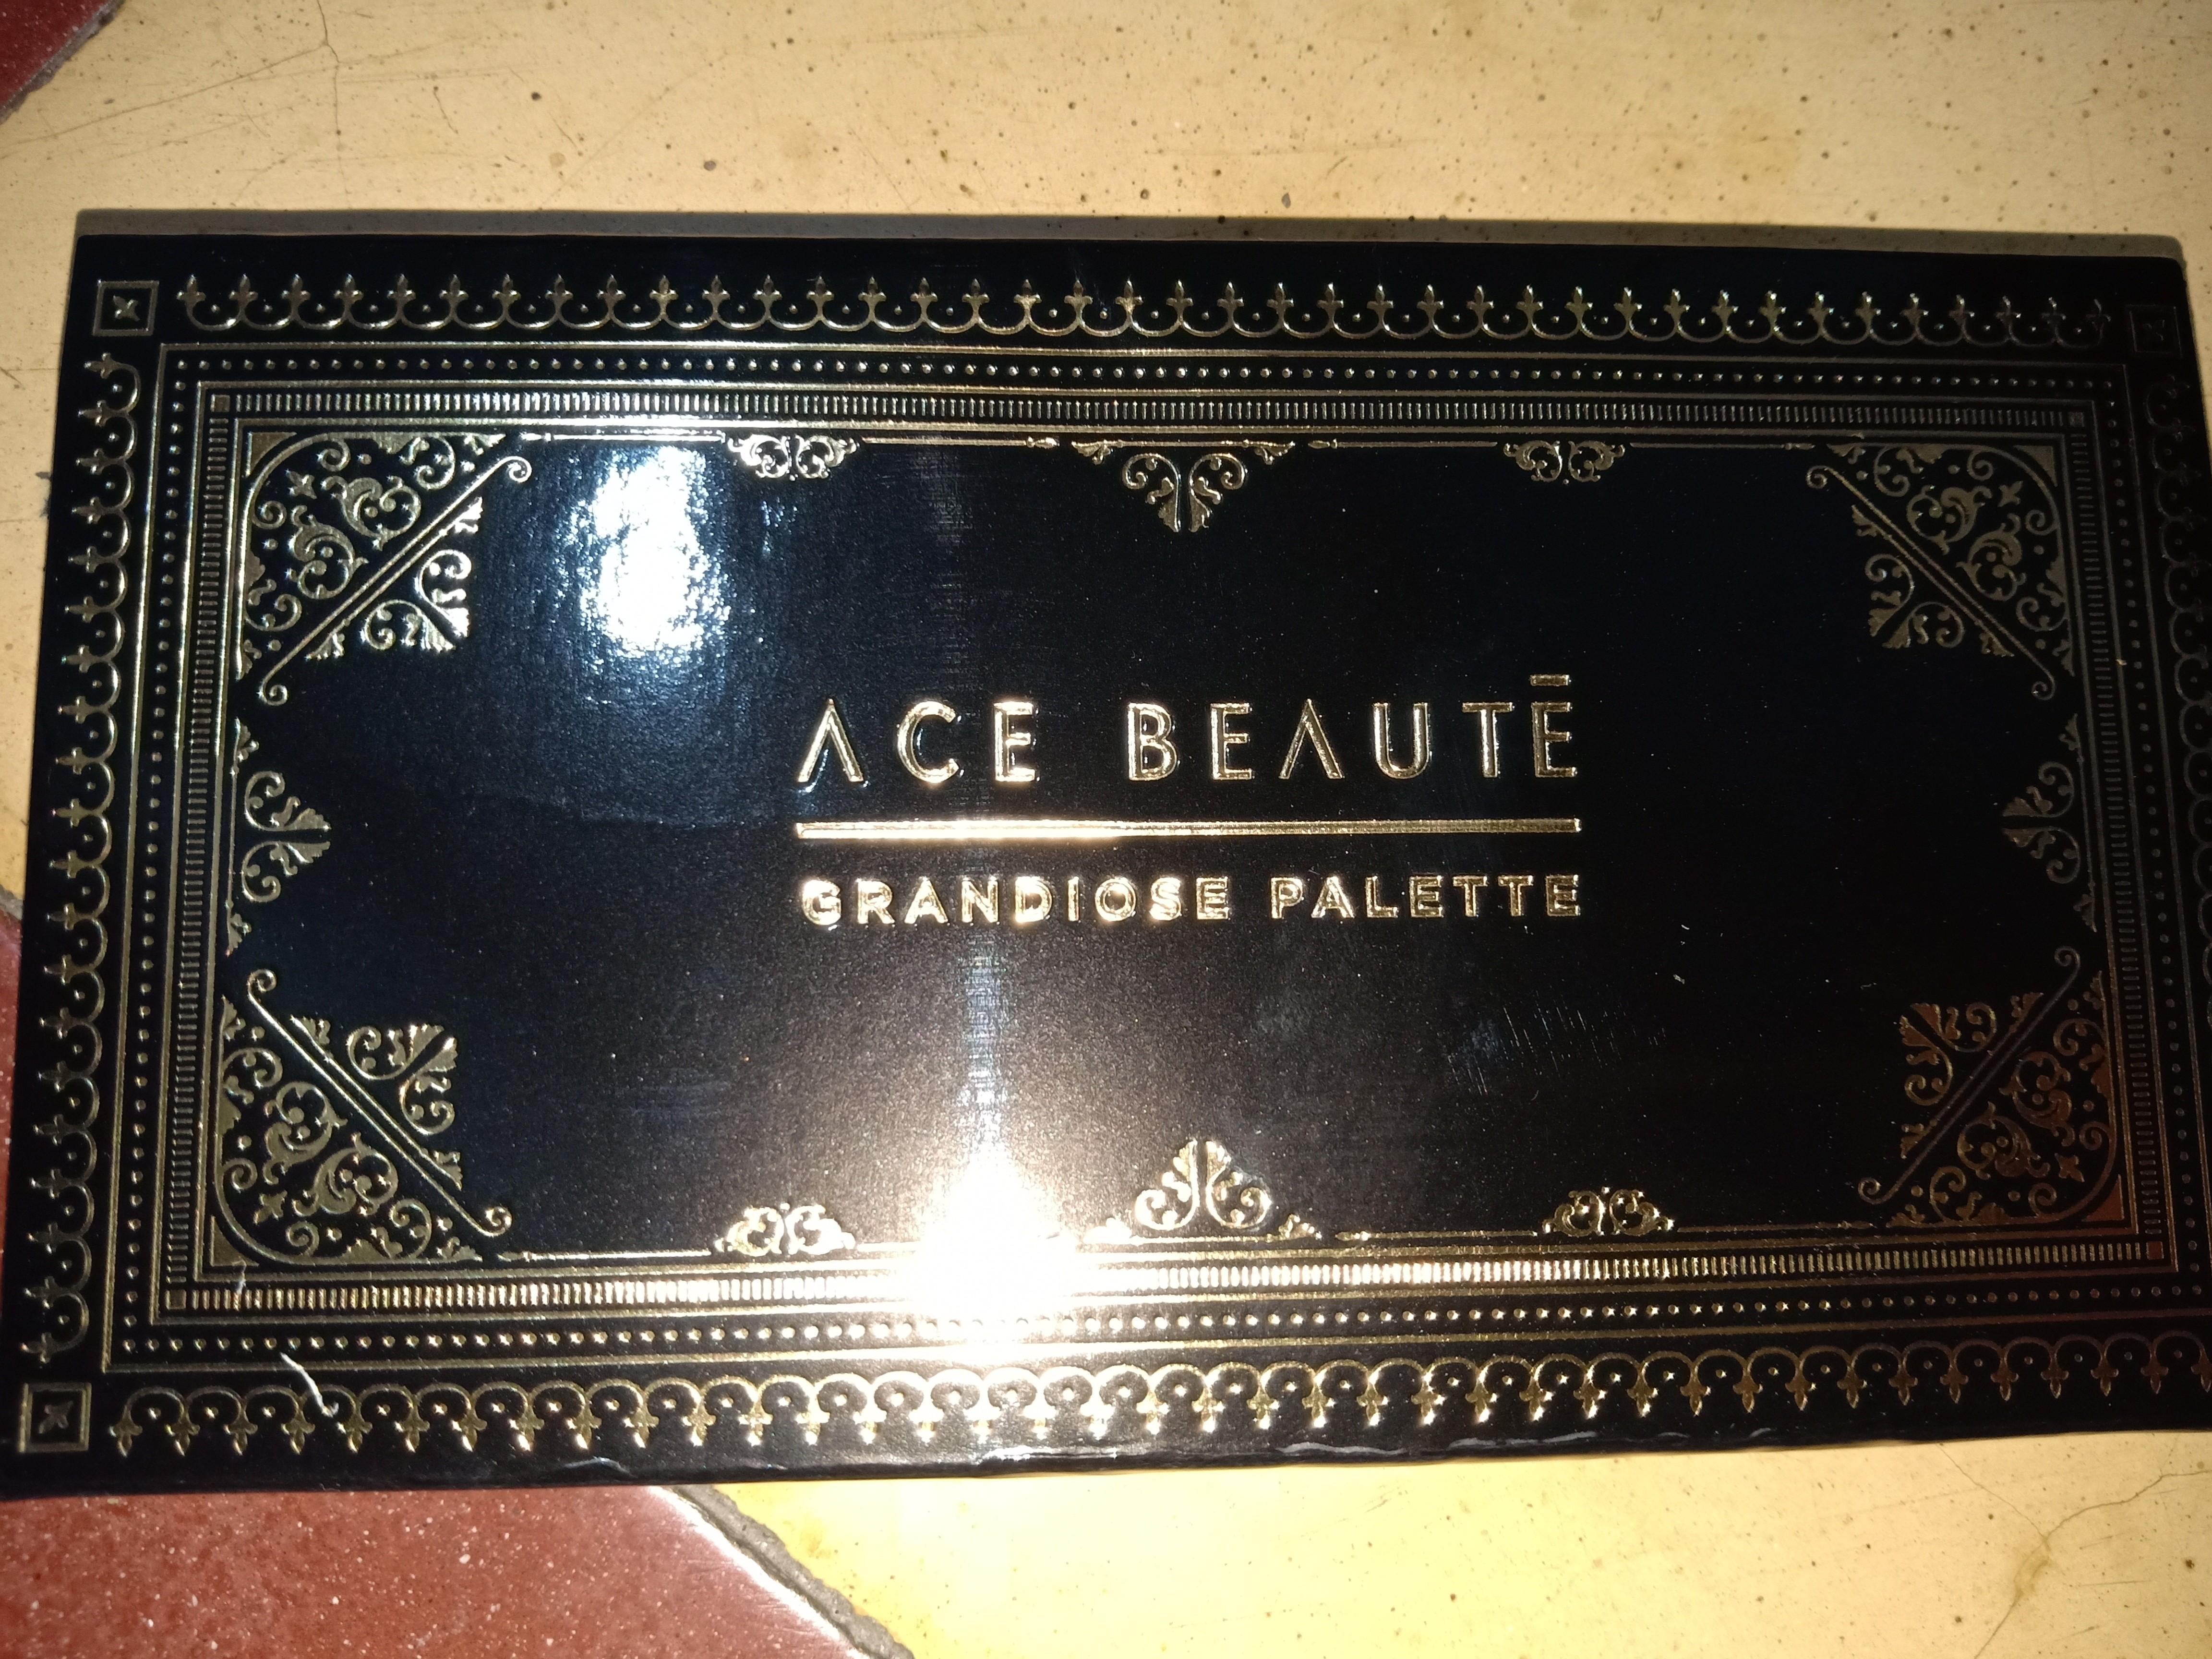 ACE BEAUTE - Grandiose Palette